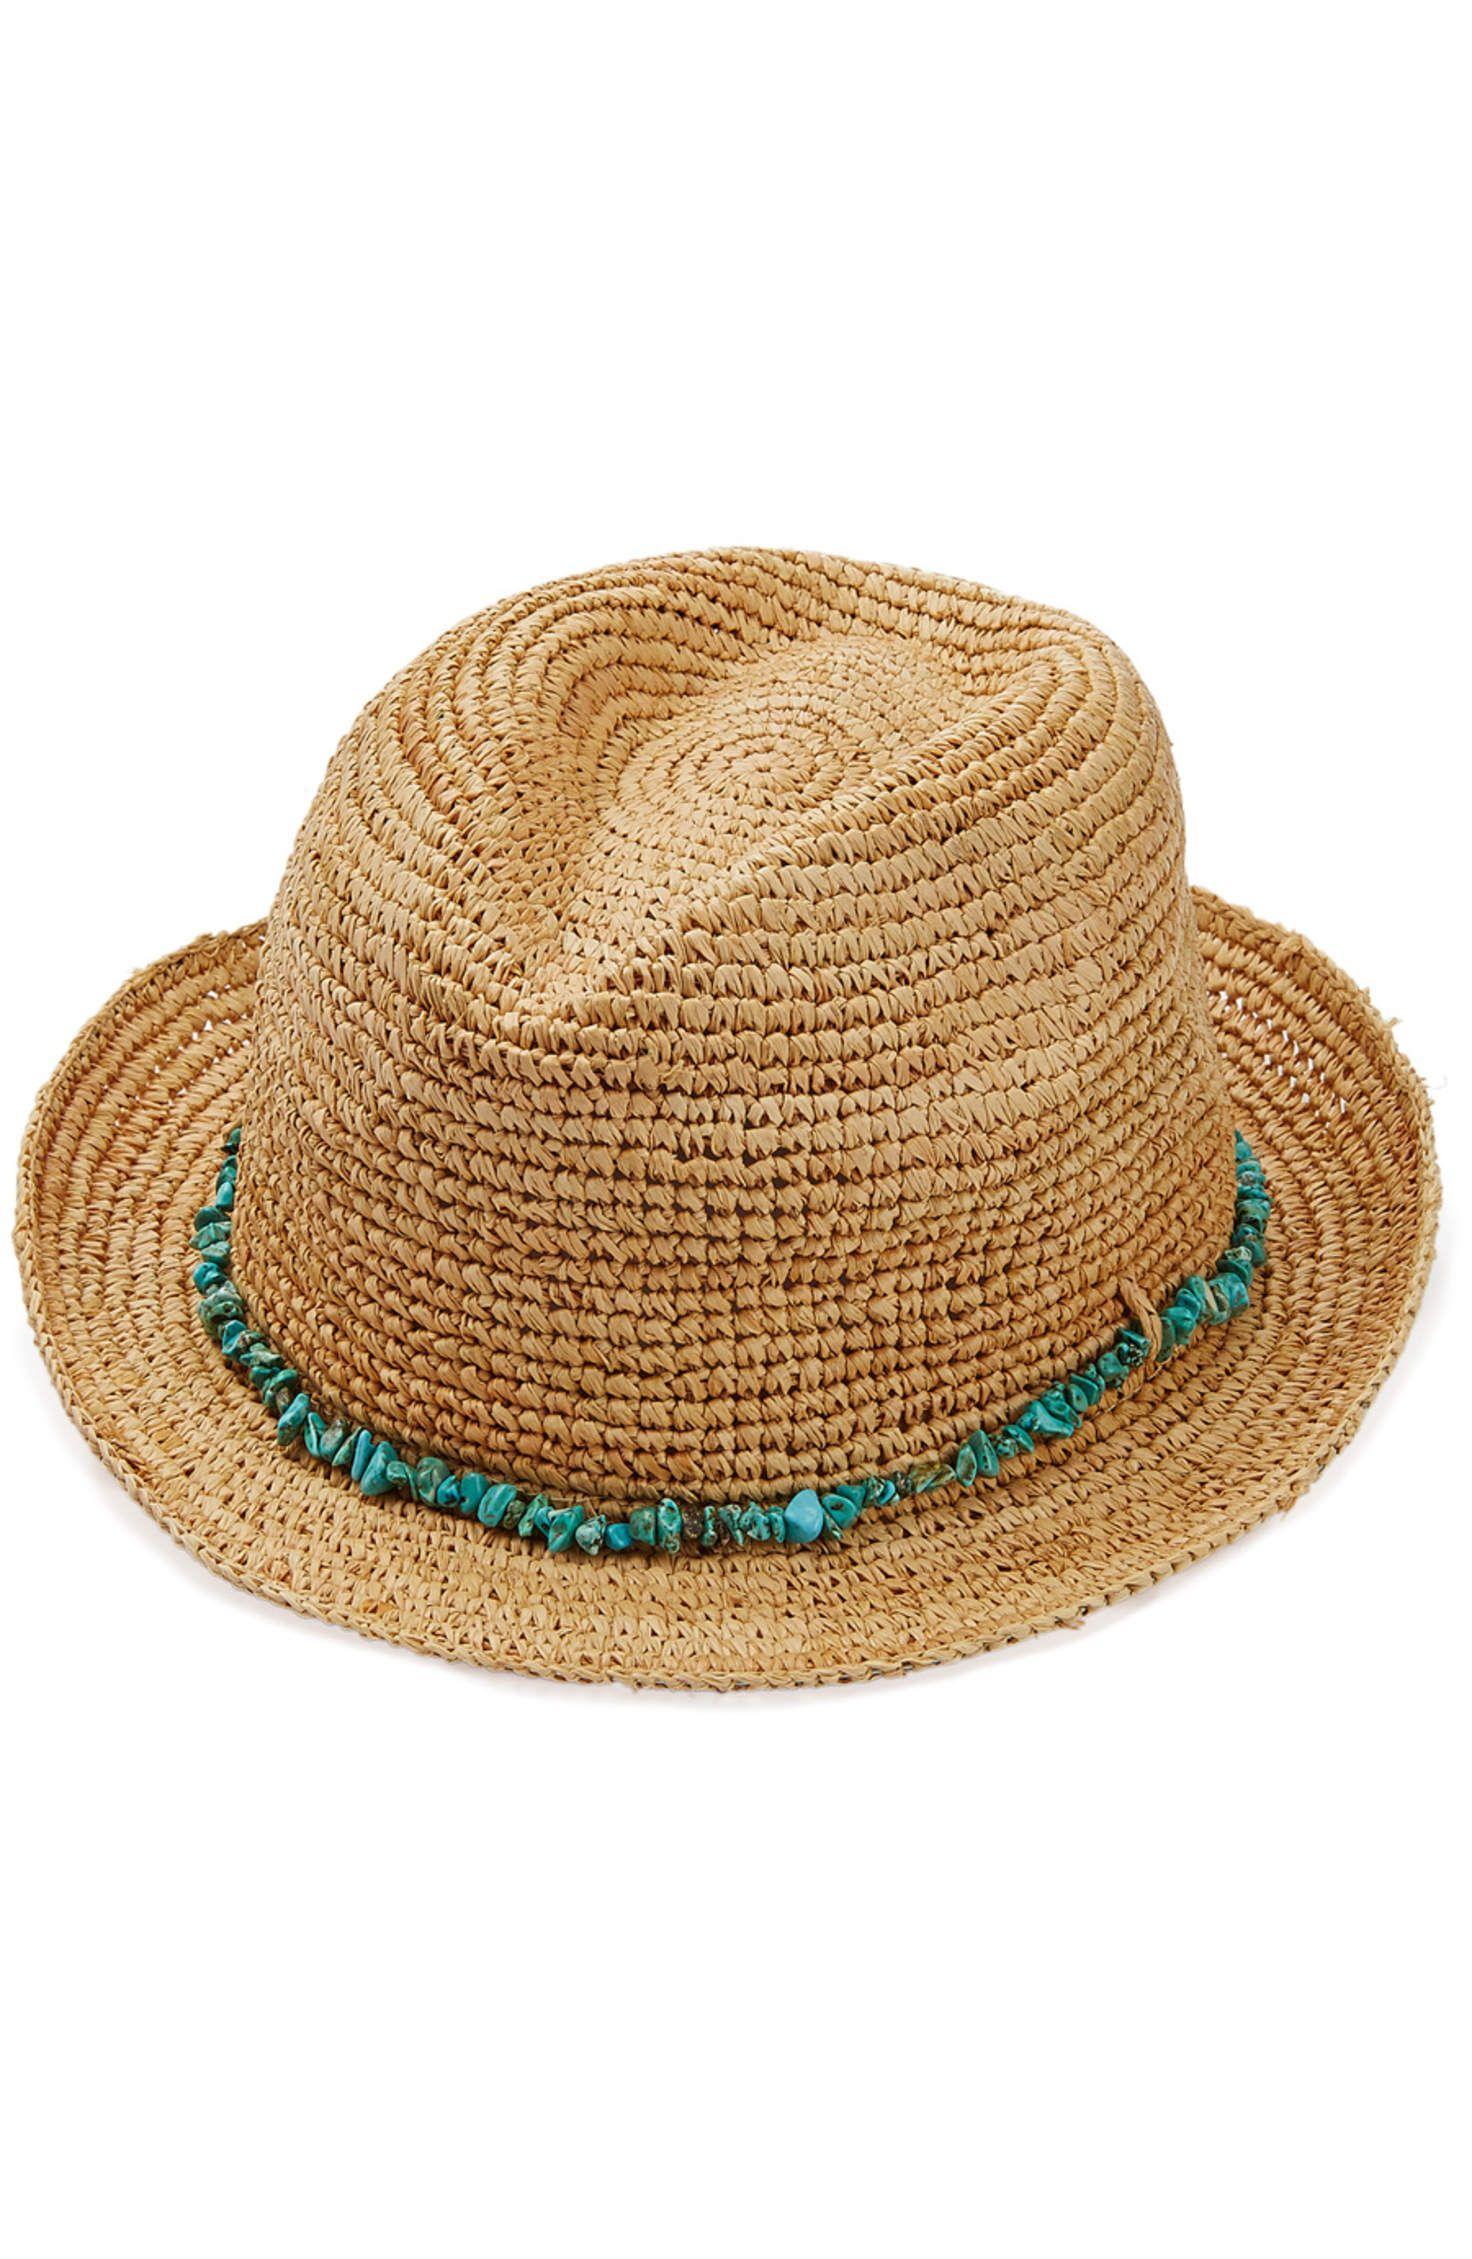 Melissa Odabash - Embellished Raffia Hat   Bathing Suits & Access ...